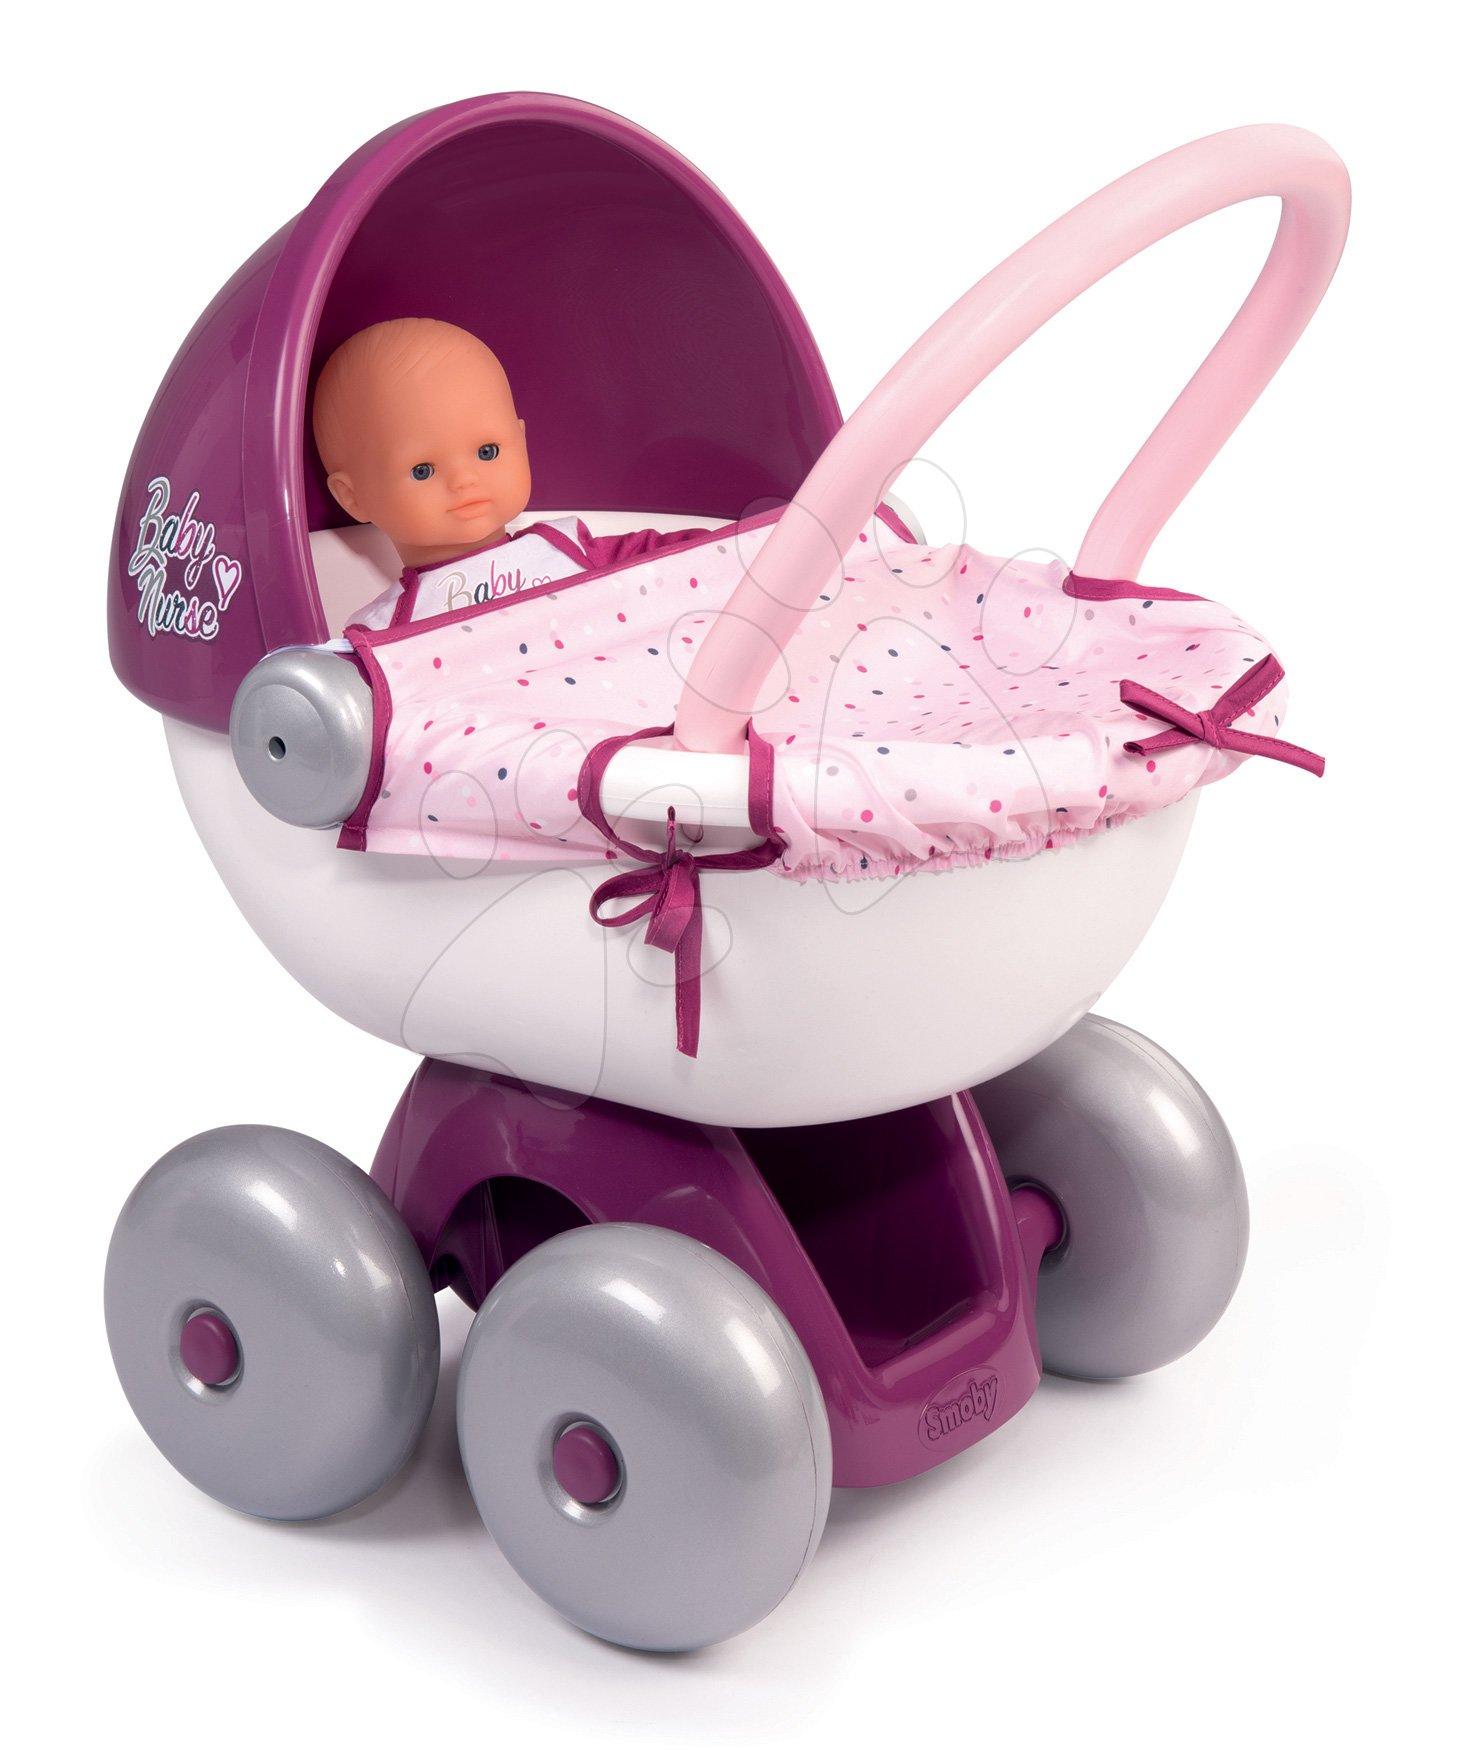 Hluboký kočárek s textilem Violette Baby Nurse Smoby s tichým chodem a ergonomickou 55 cm vysokou rukojetí od 18 měsíců